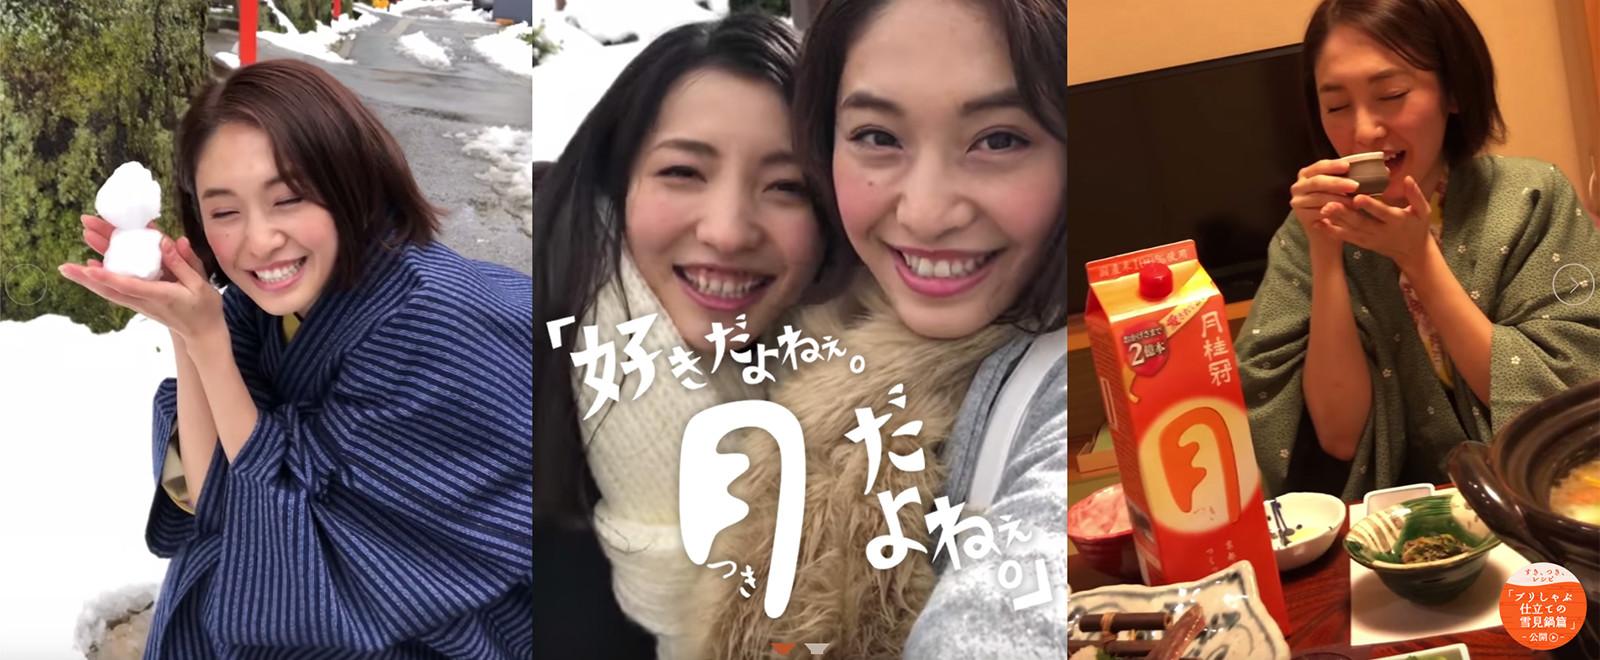 「つき」20周年スペシャルサイト